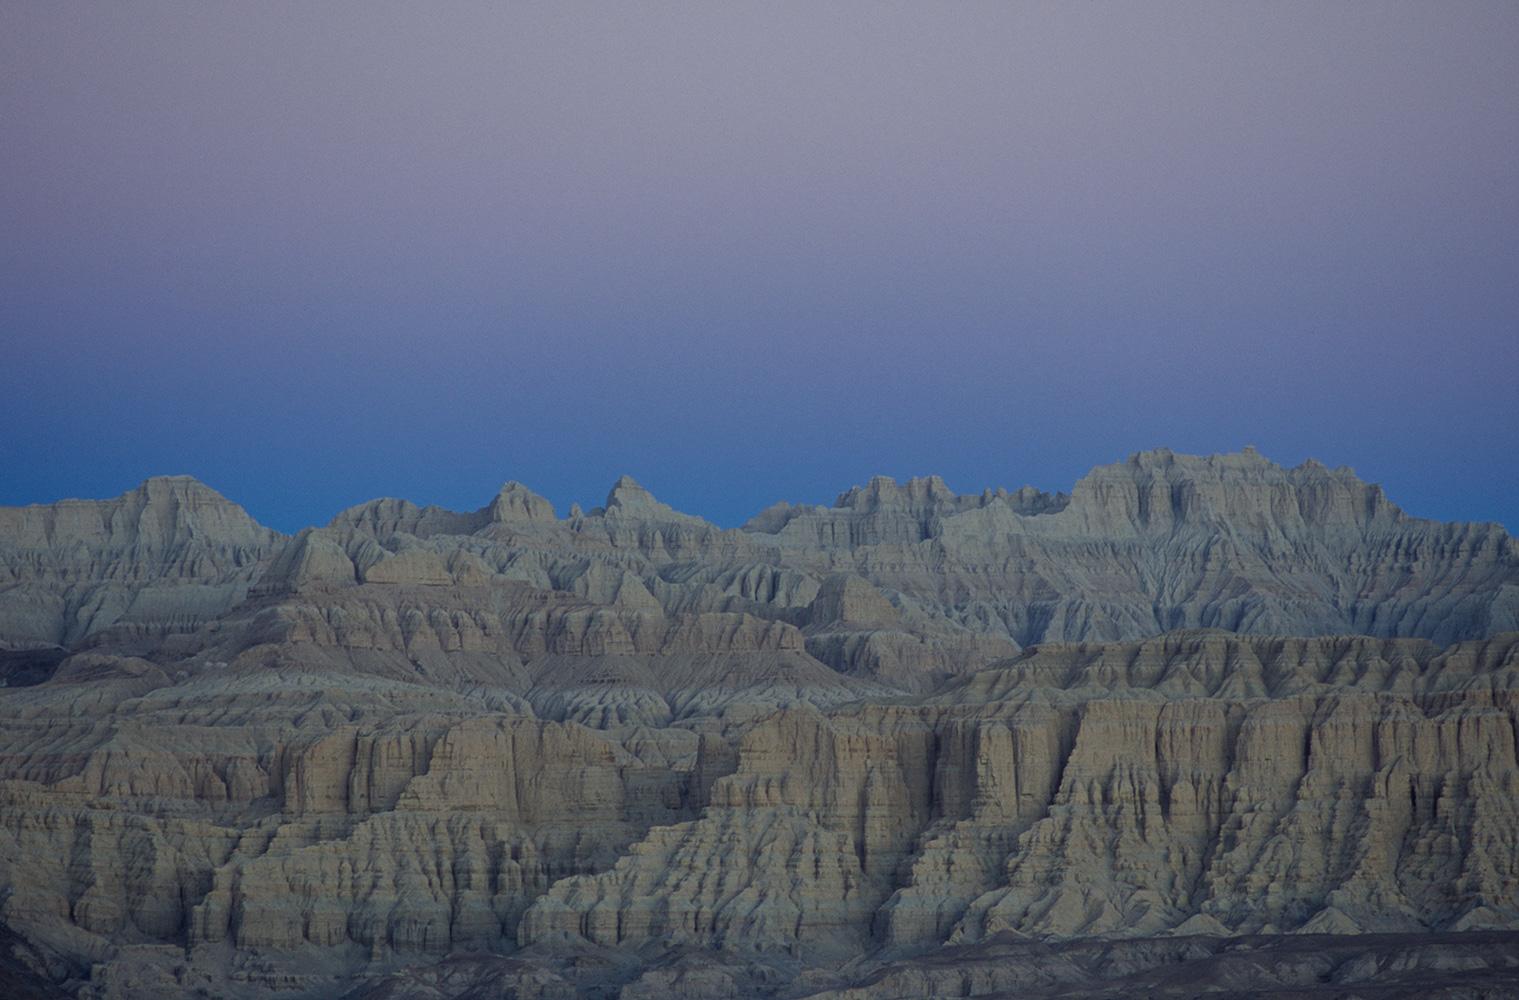 tsaparang_cliffs_dawn_2003RVP